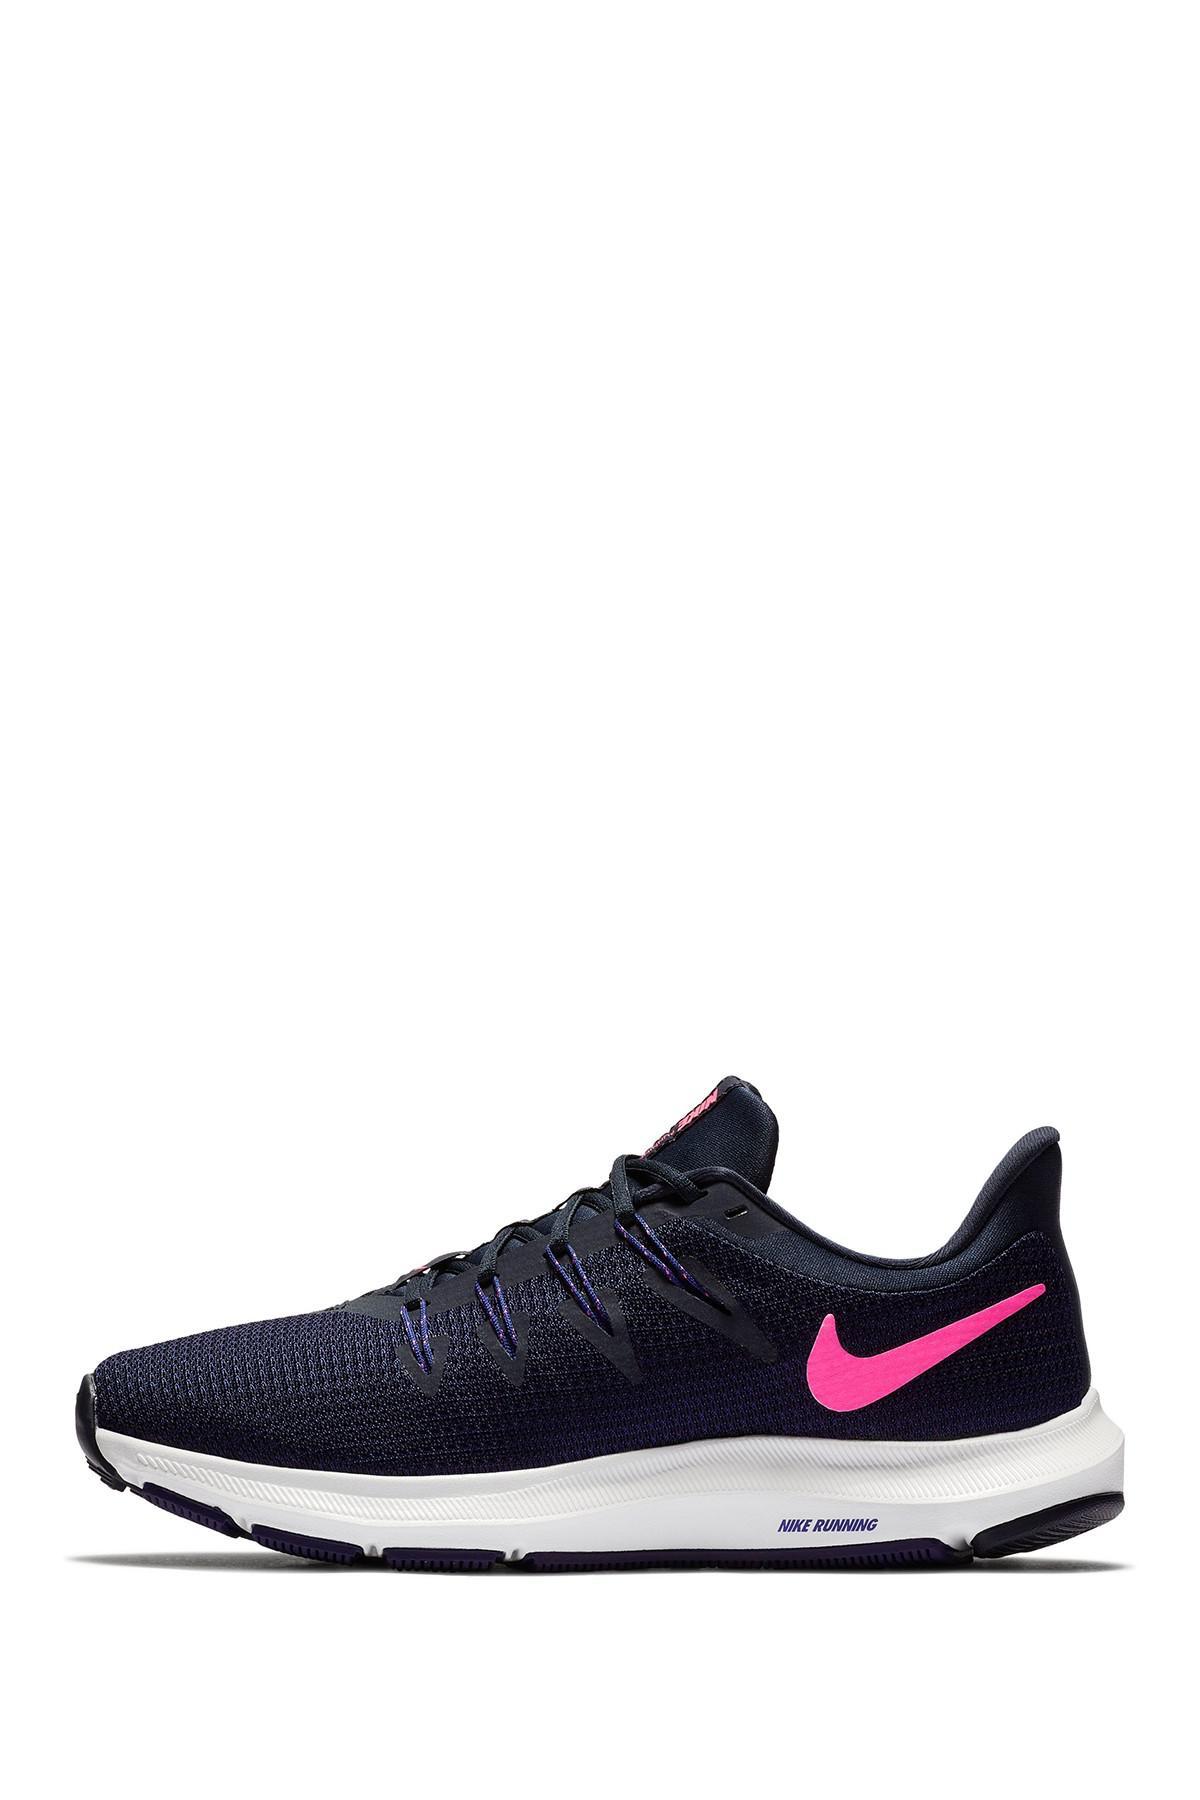 Nike - Blue Swift Turbo Sneaker - Lyst. View fullscreen 5a00bca80fd